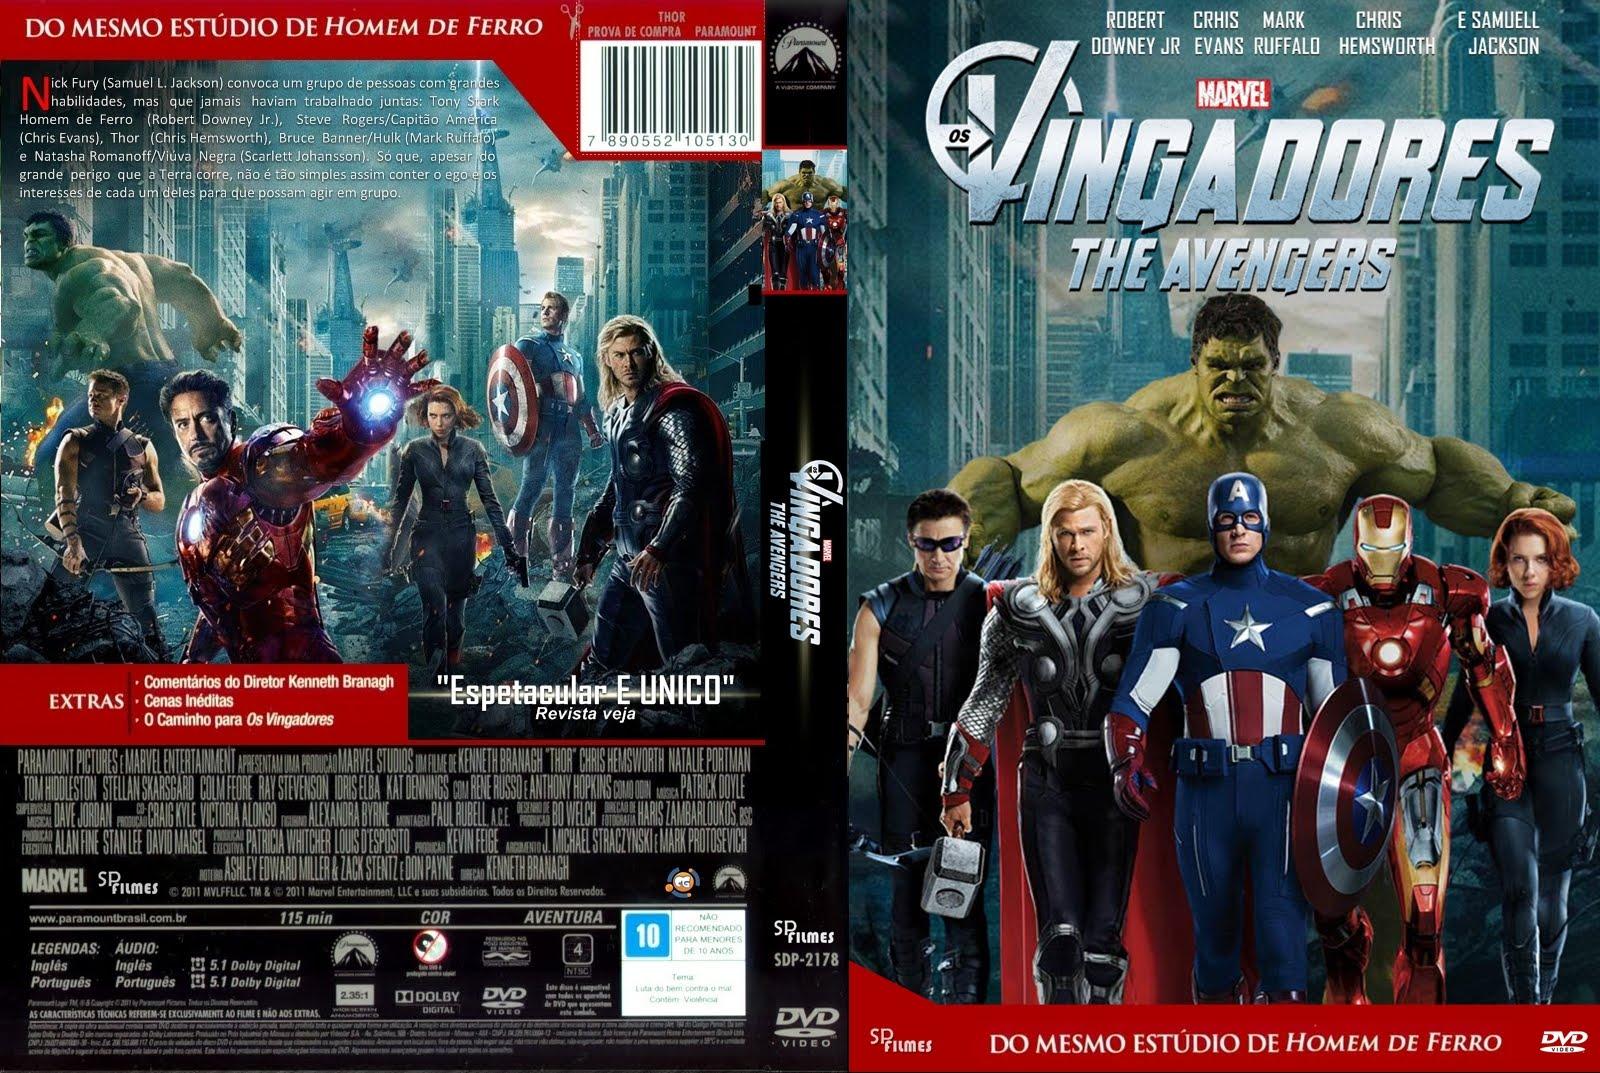 Os Vingadores DVD Capa